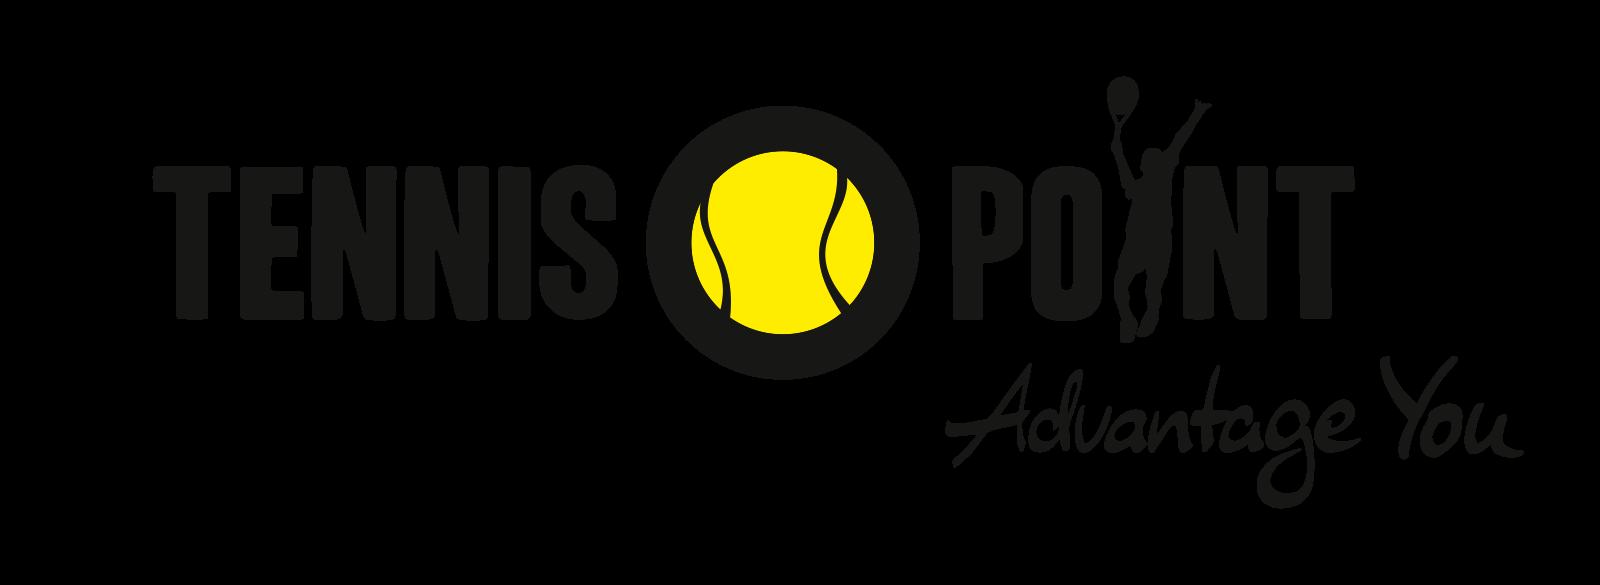 Tennis Point IT